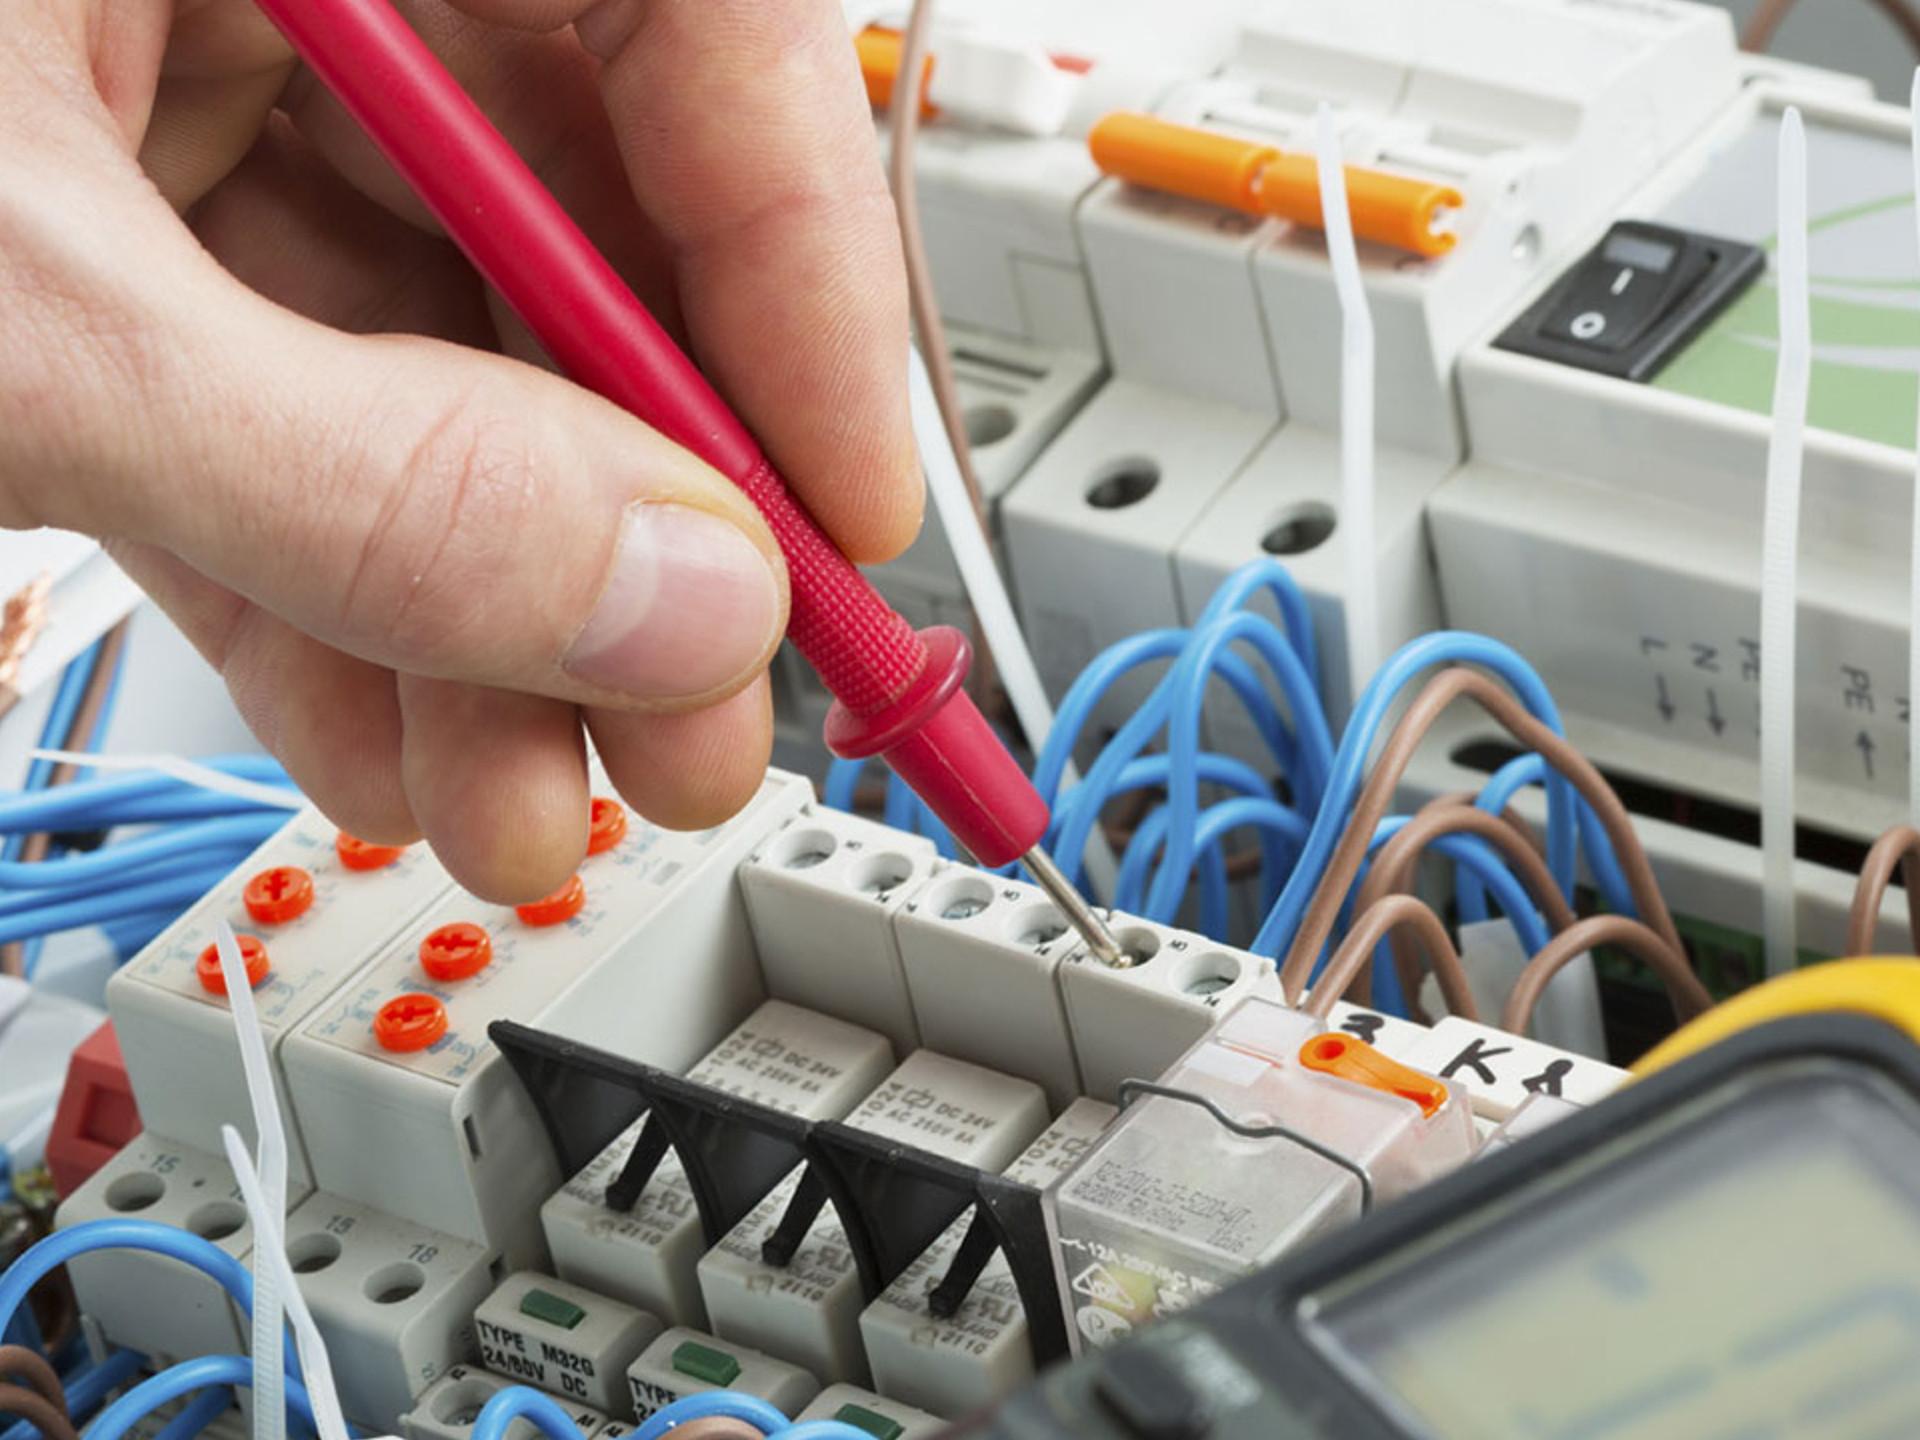 realizzazione-impianti-elettrici-sassari-safetyenergy